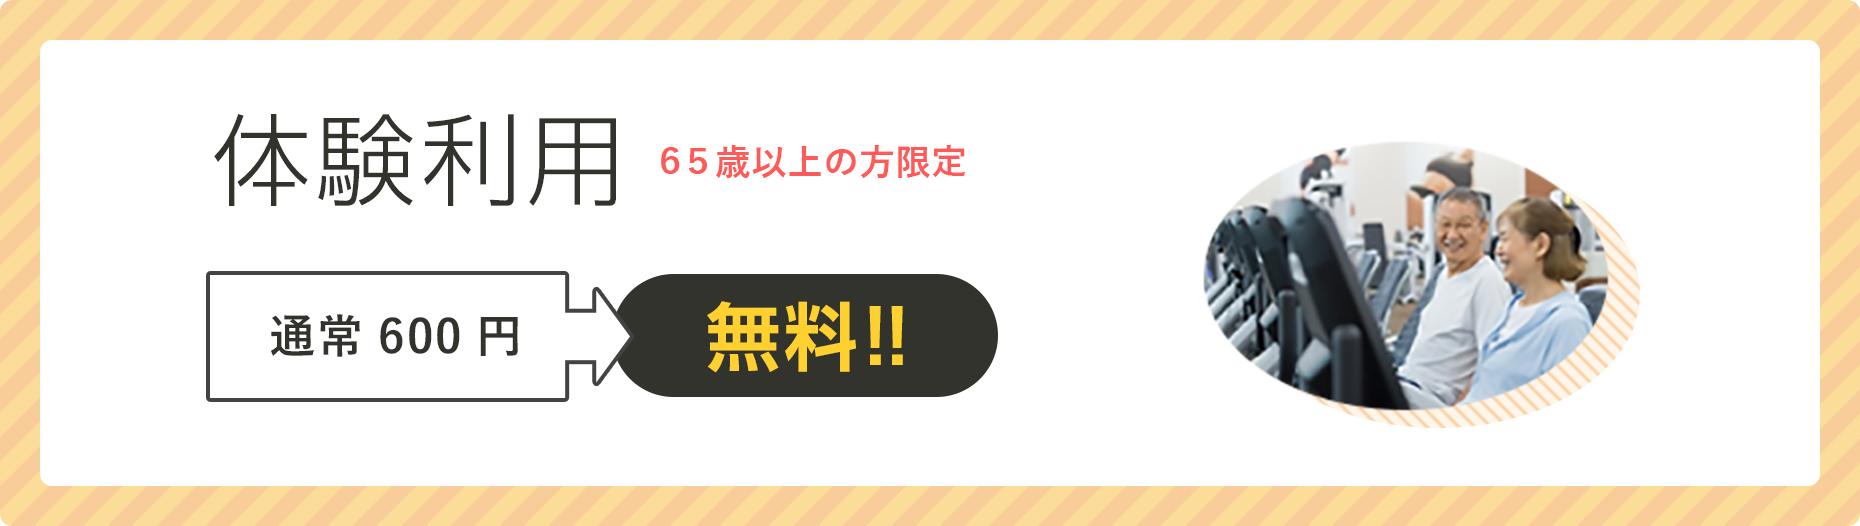 65歳以上の方限定 通常600円⇒無料!!